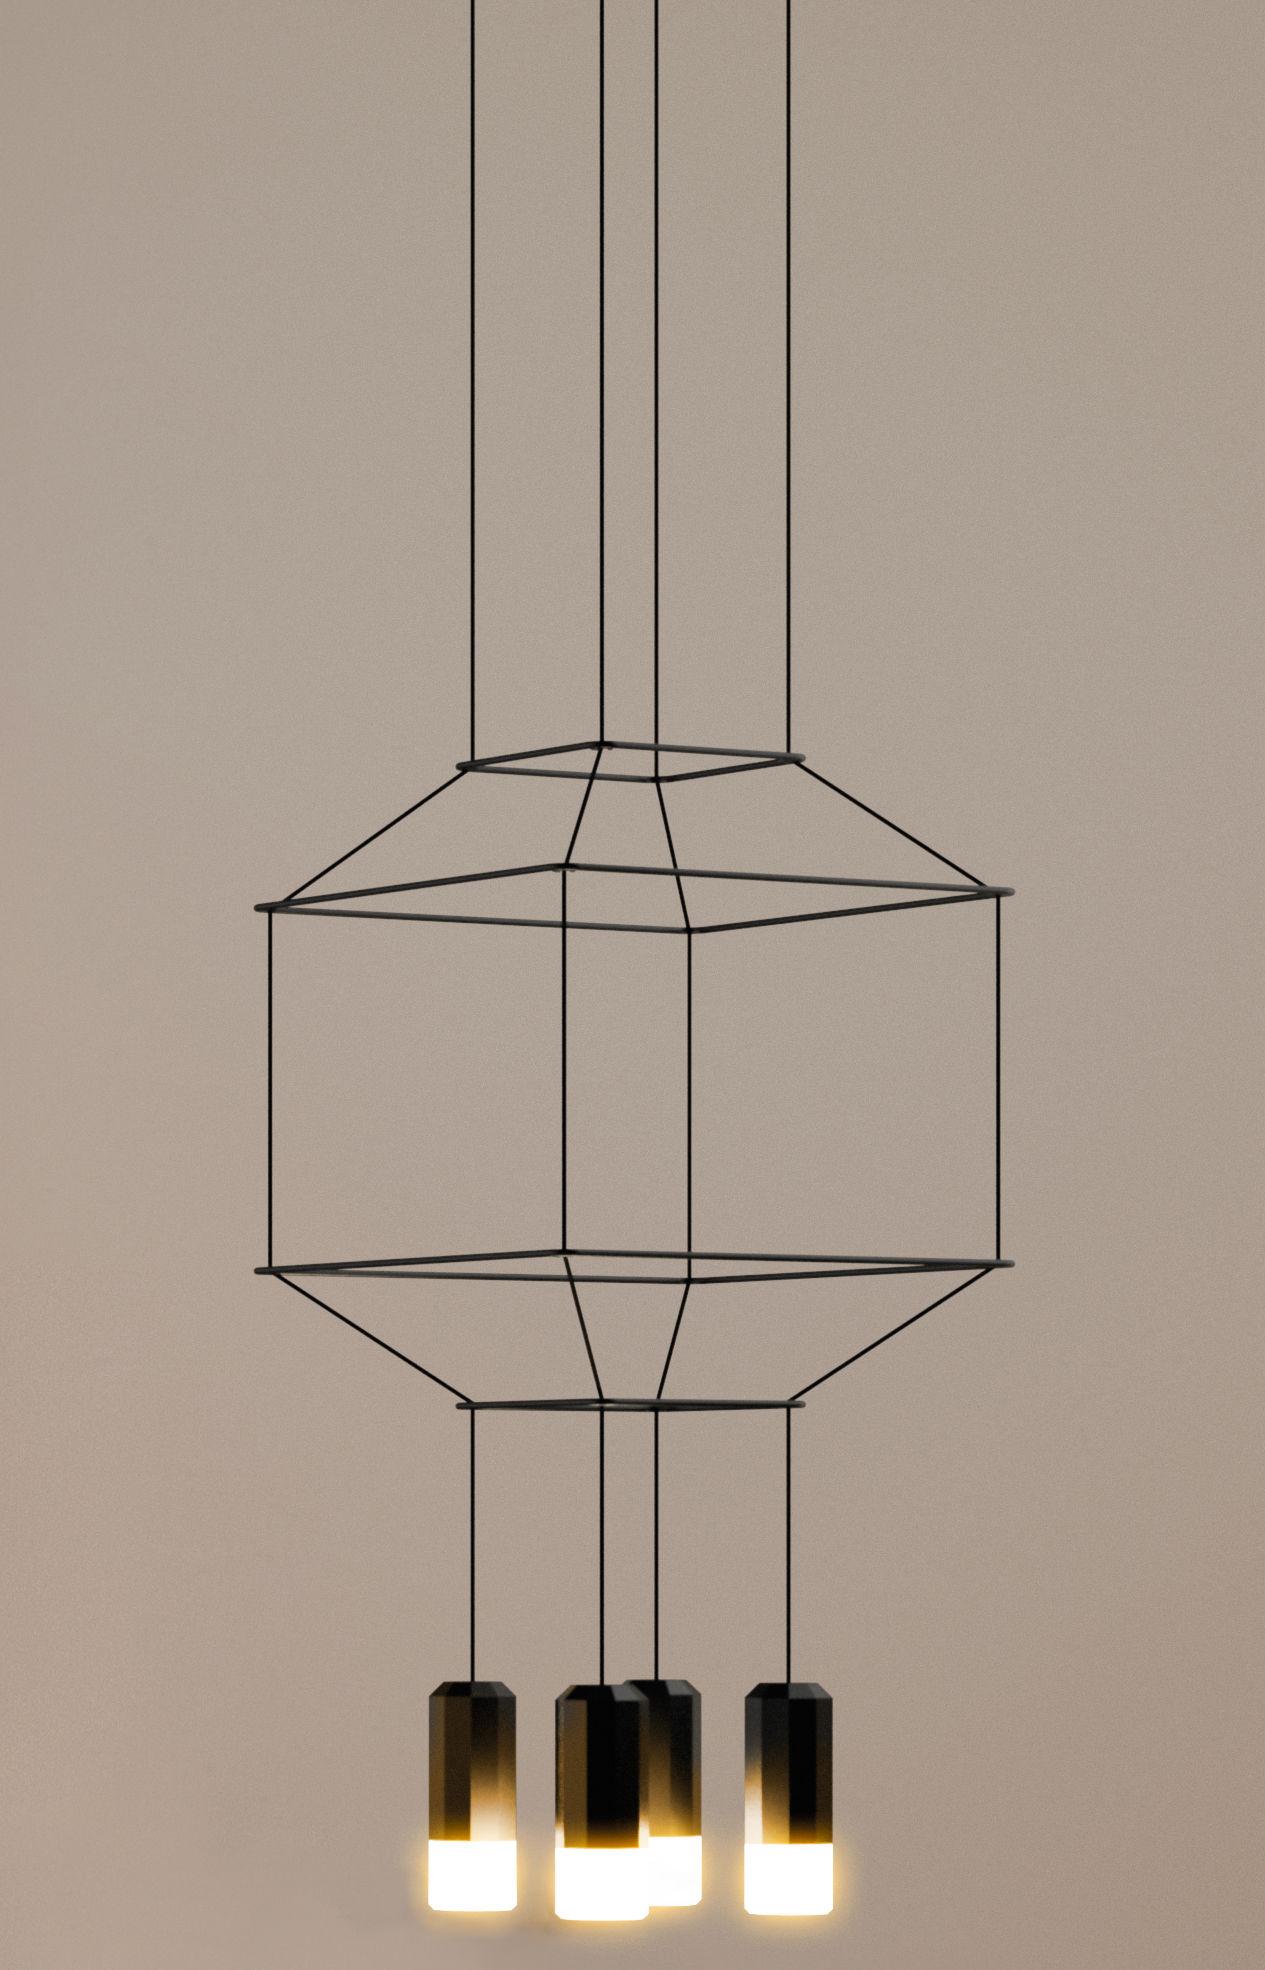 Luminaire - Suspensions - Suspension Wireflow / 30 x 30 x H 32,5 cm - Vibia - Noir - Métal laqué, Teflon, Tissu, Verre